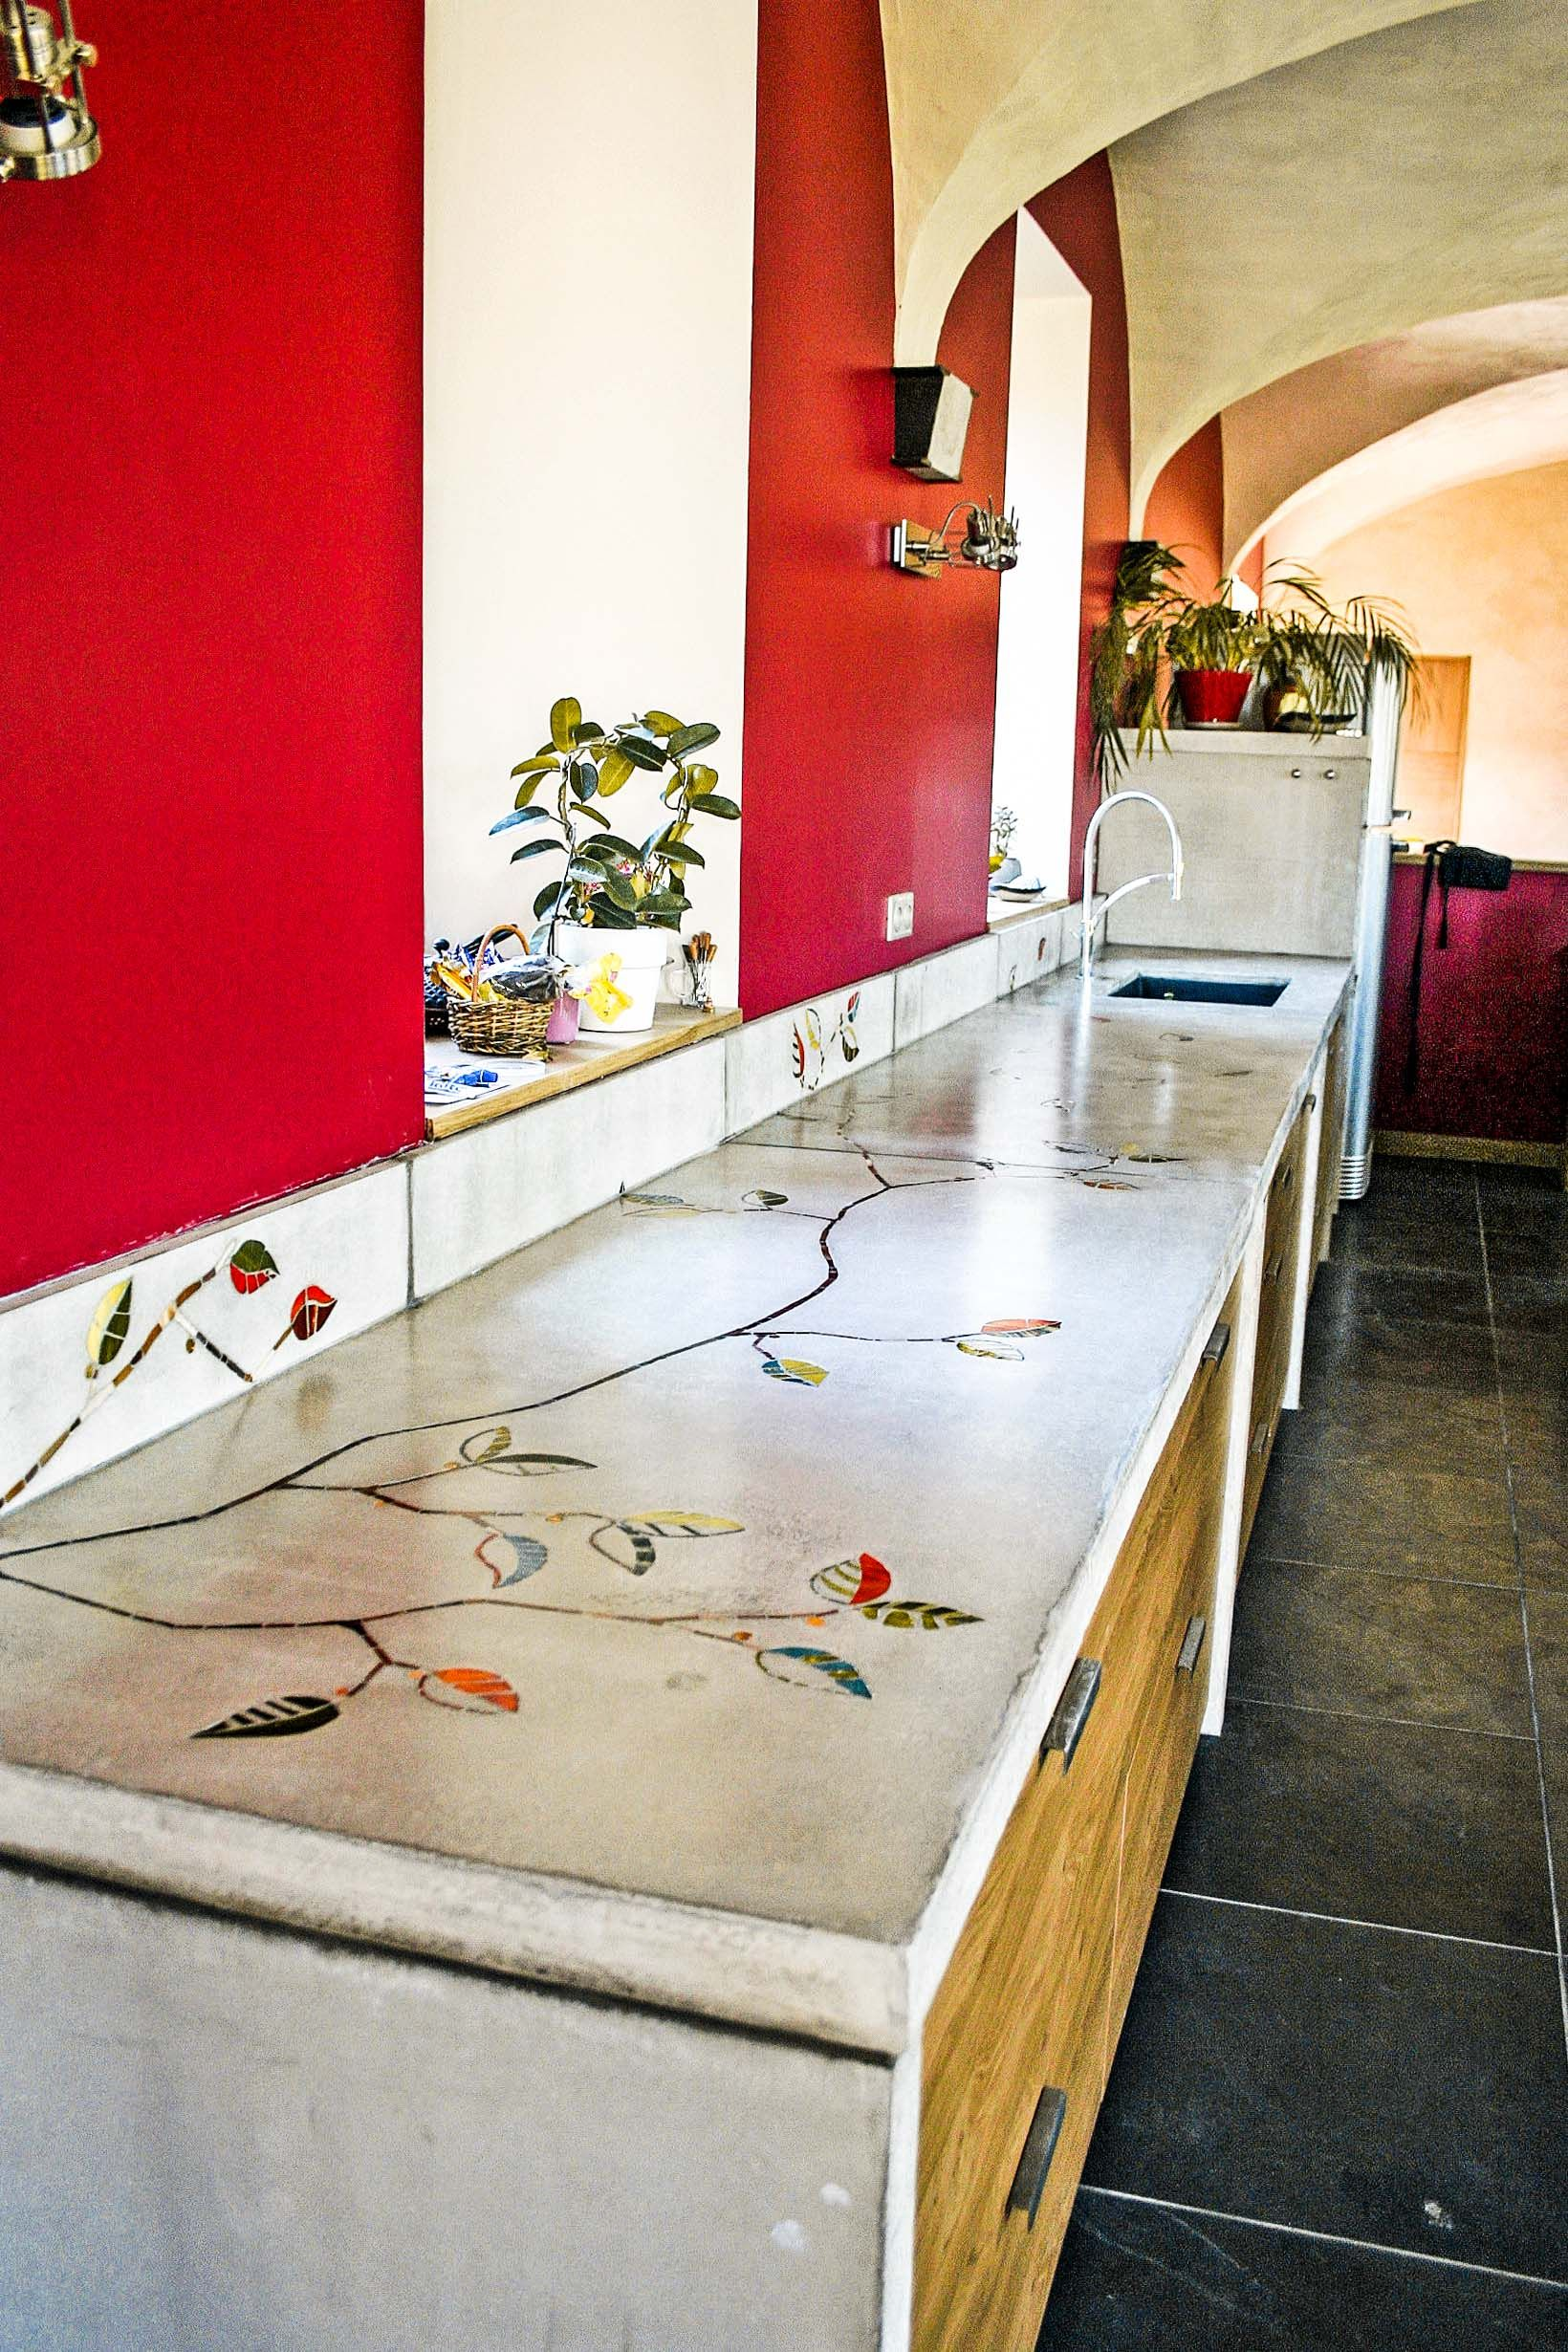 Plan de travaille en mosaïque et bétons ciré. ZagZag - Atelier mosaïque #Cuisine #Mosaïque #Béton